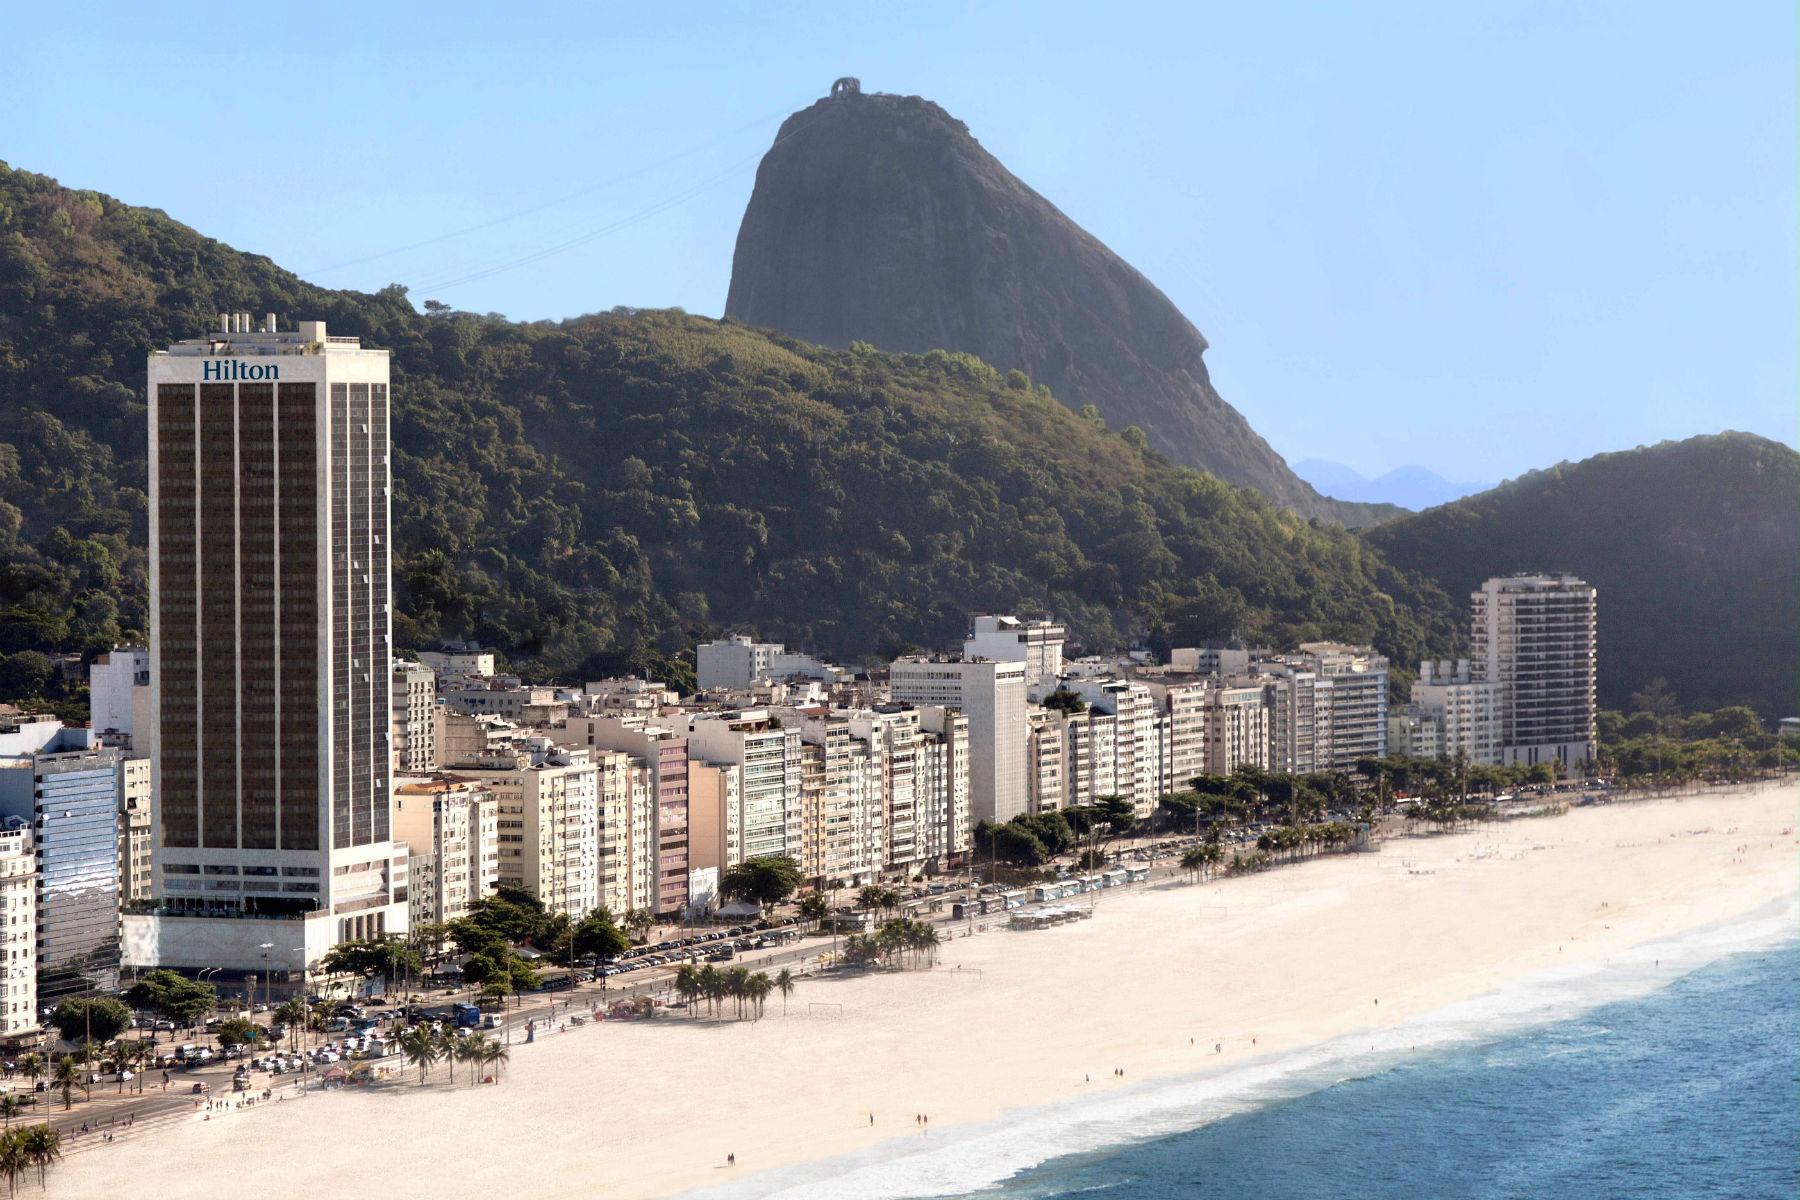 Hilton Copacabana Hotel Rio de Janeiro